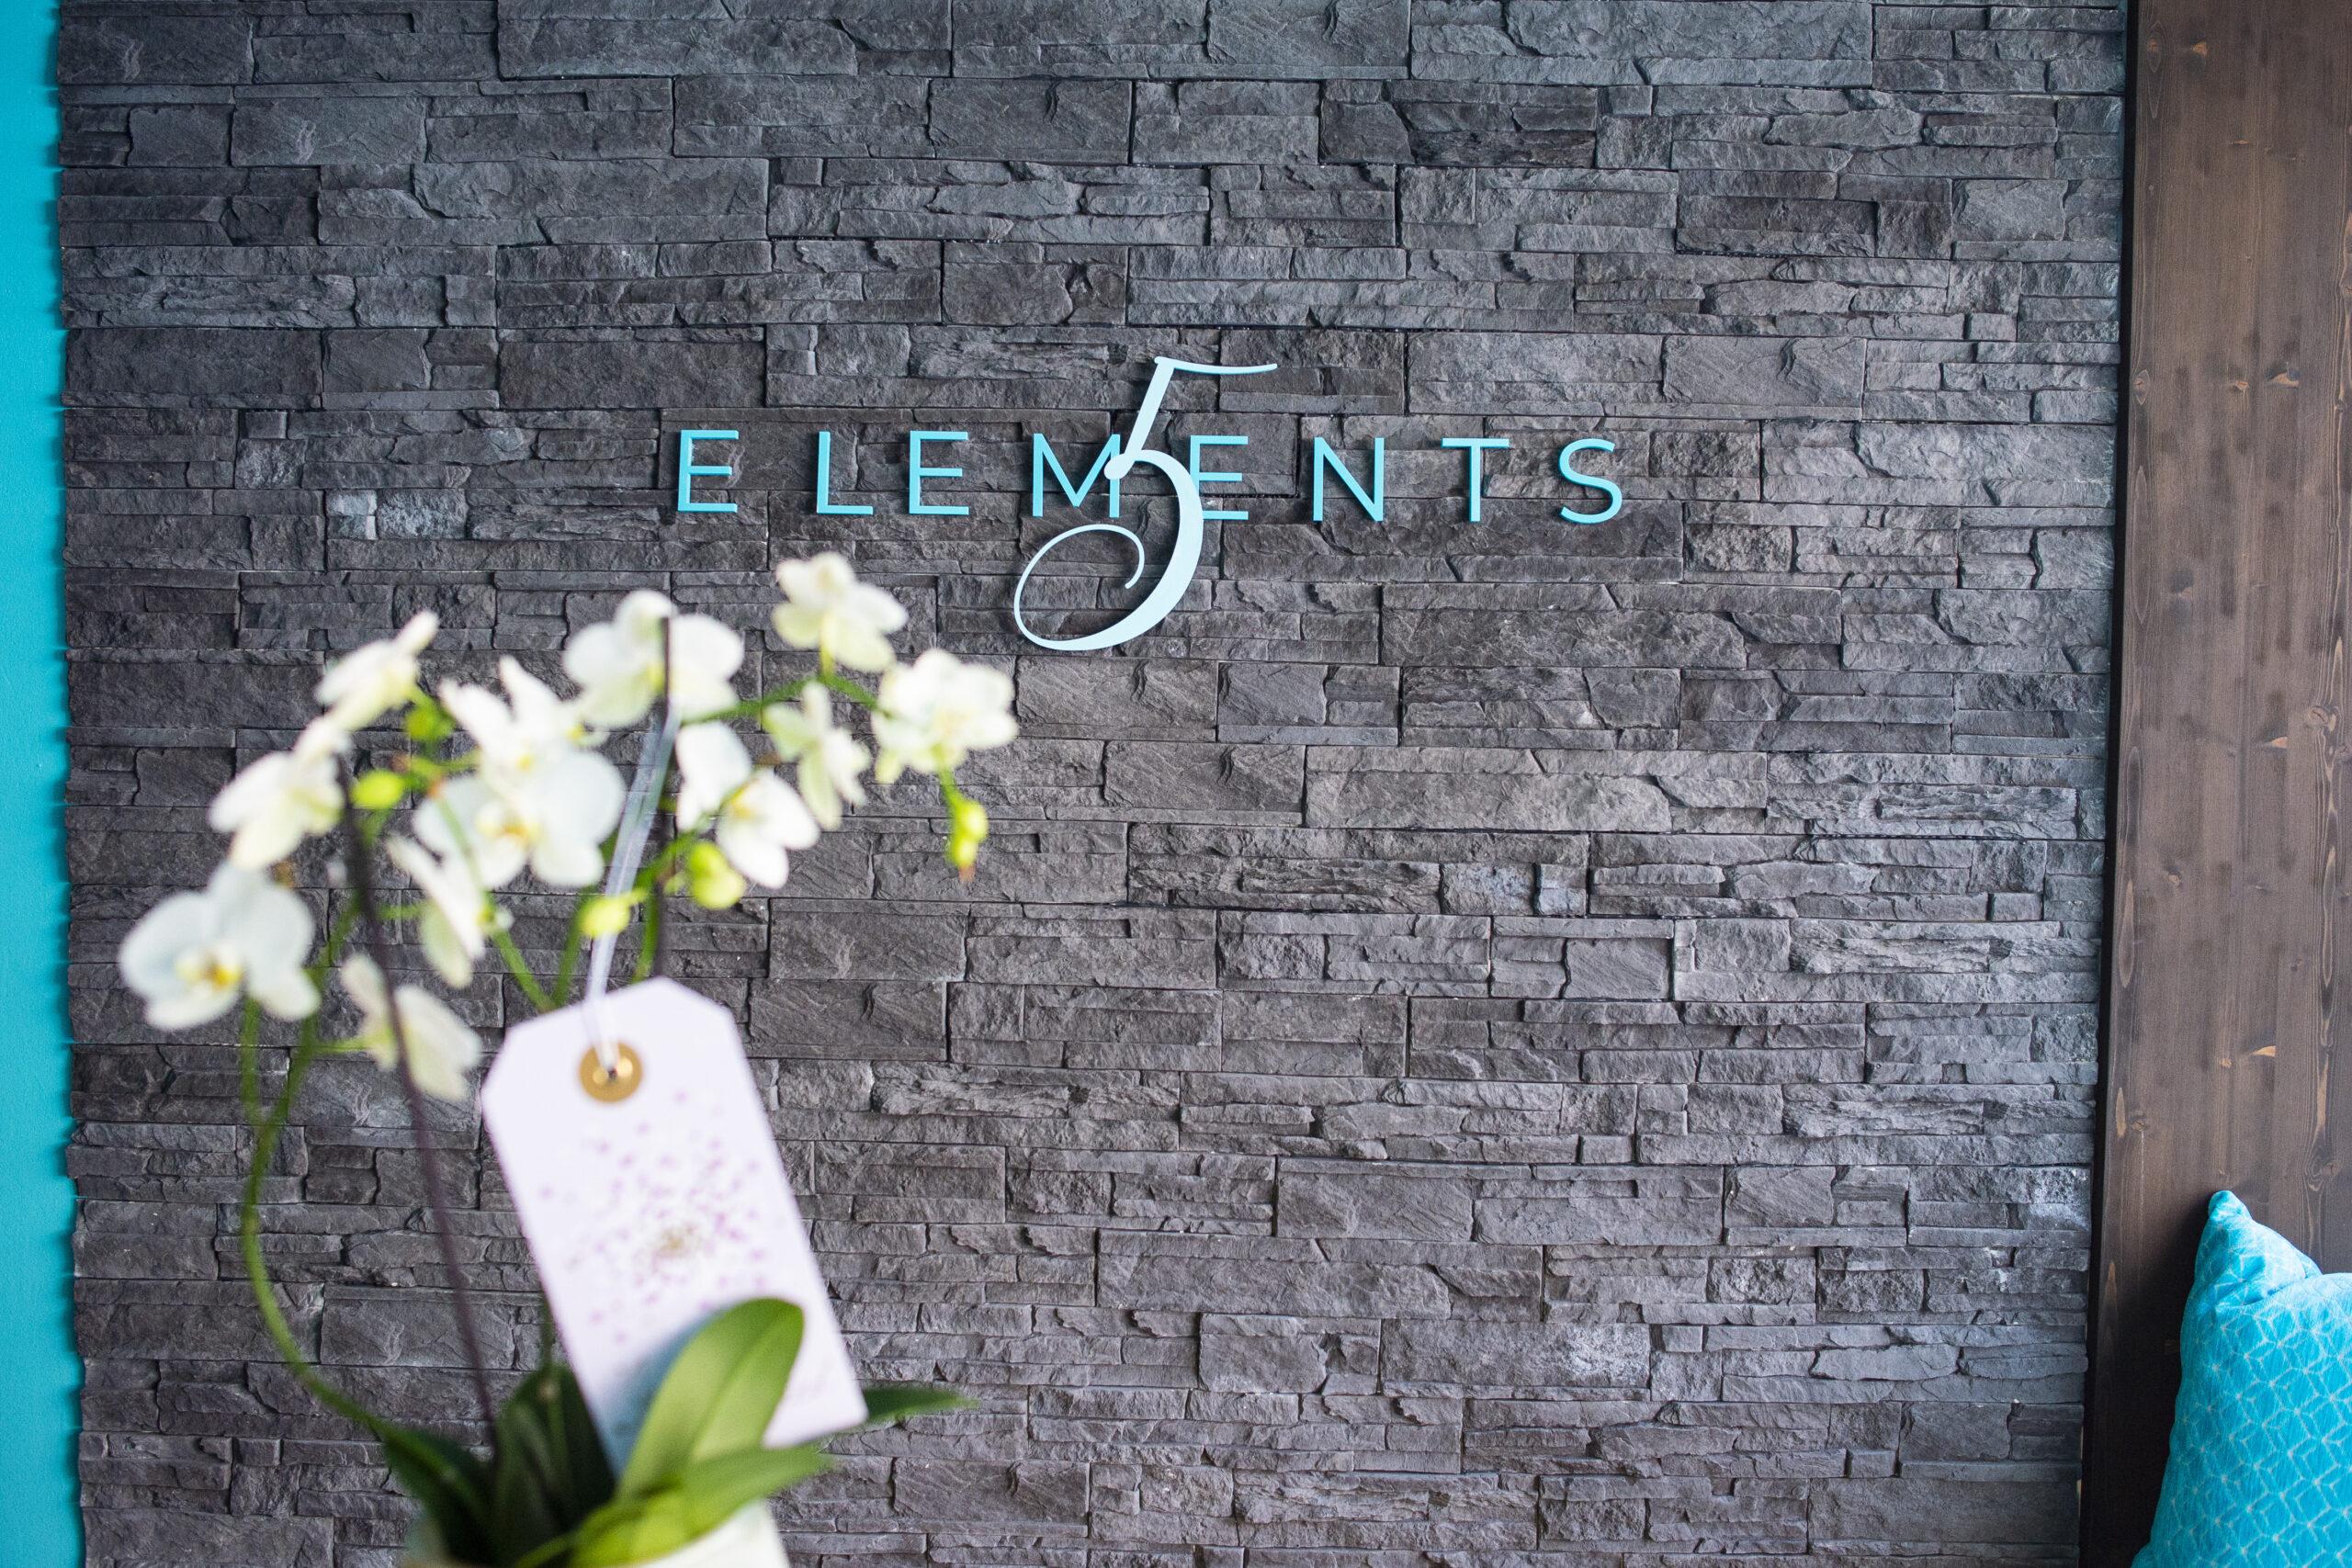 5Elements Logo im Empfangsbereich